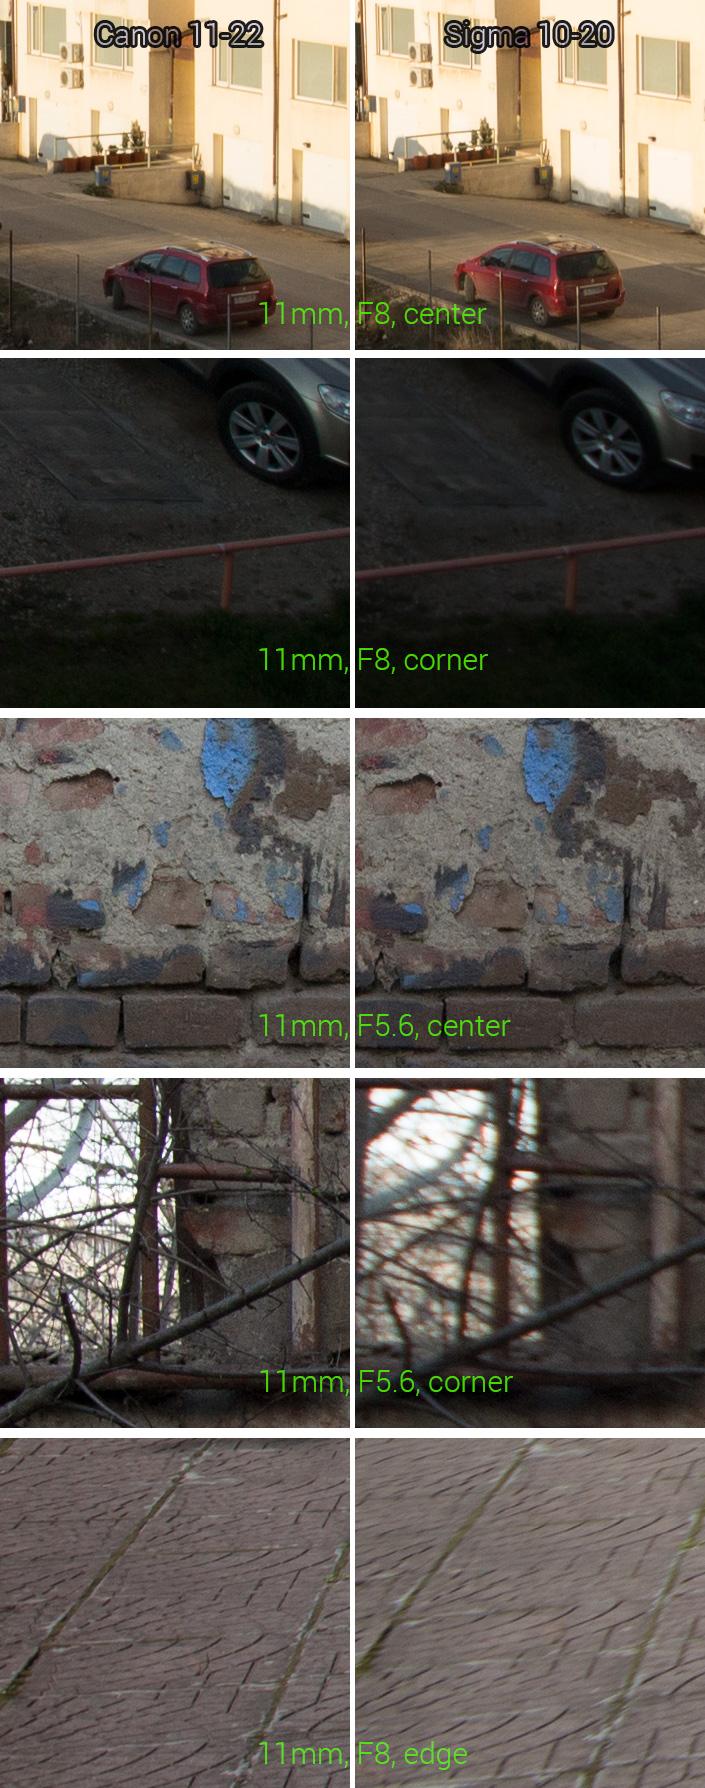 Canon 11-22 vs Sigma 10-20